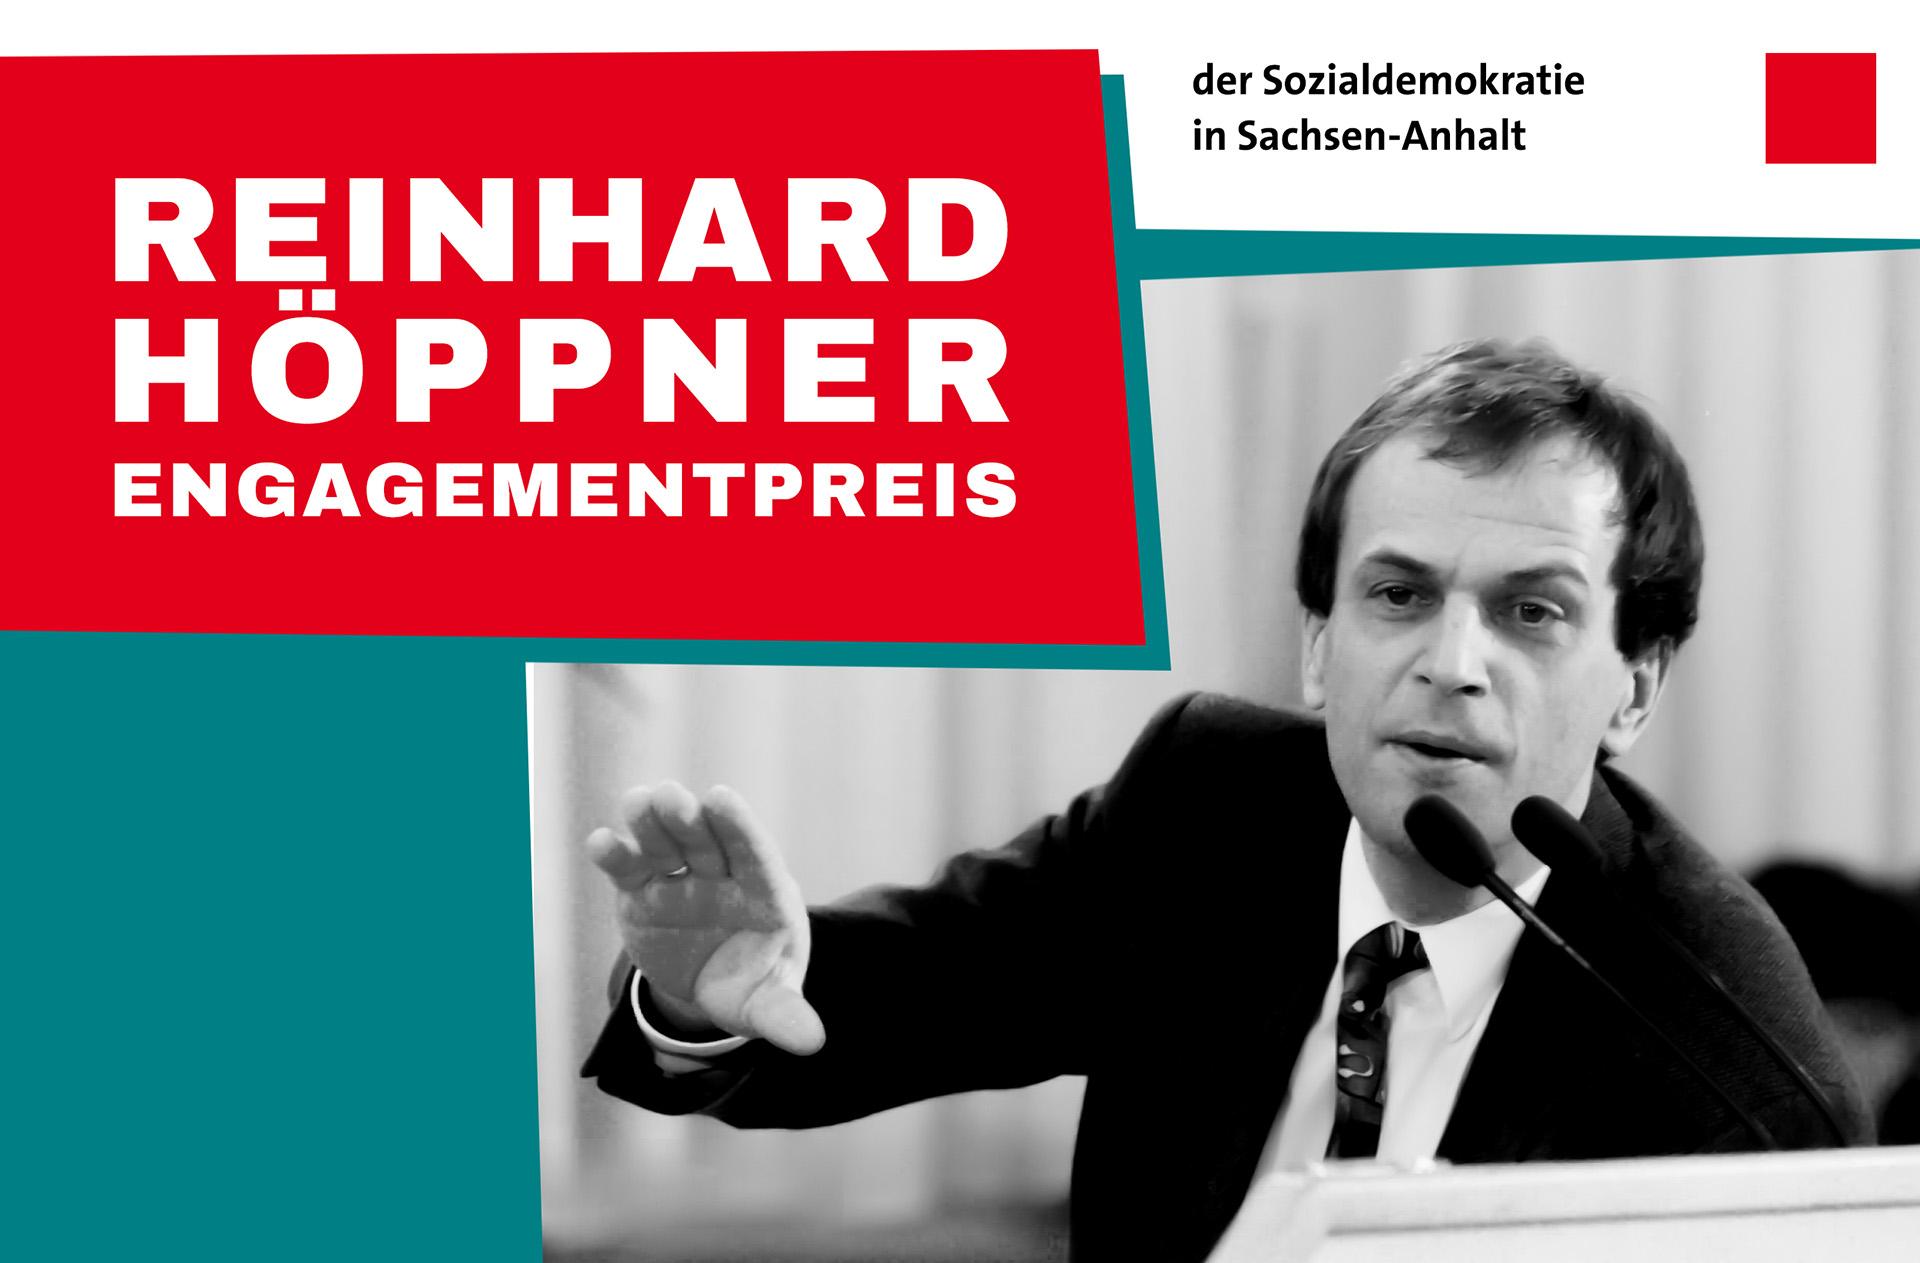 Reinhard-Höppner-Engagementpreis